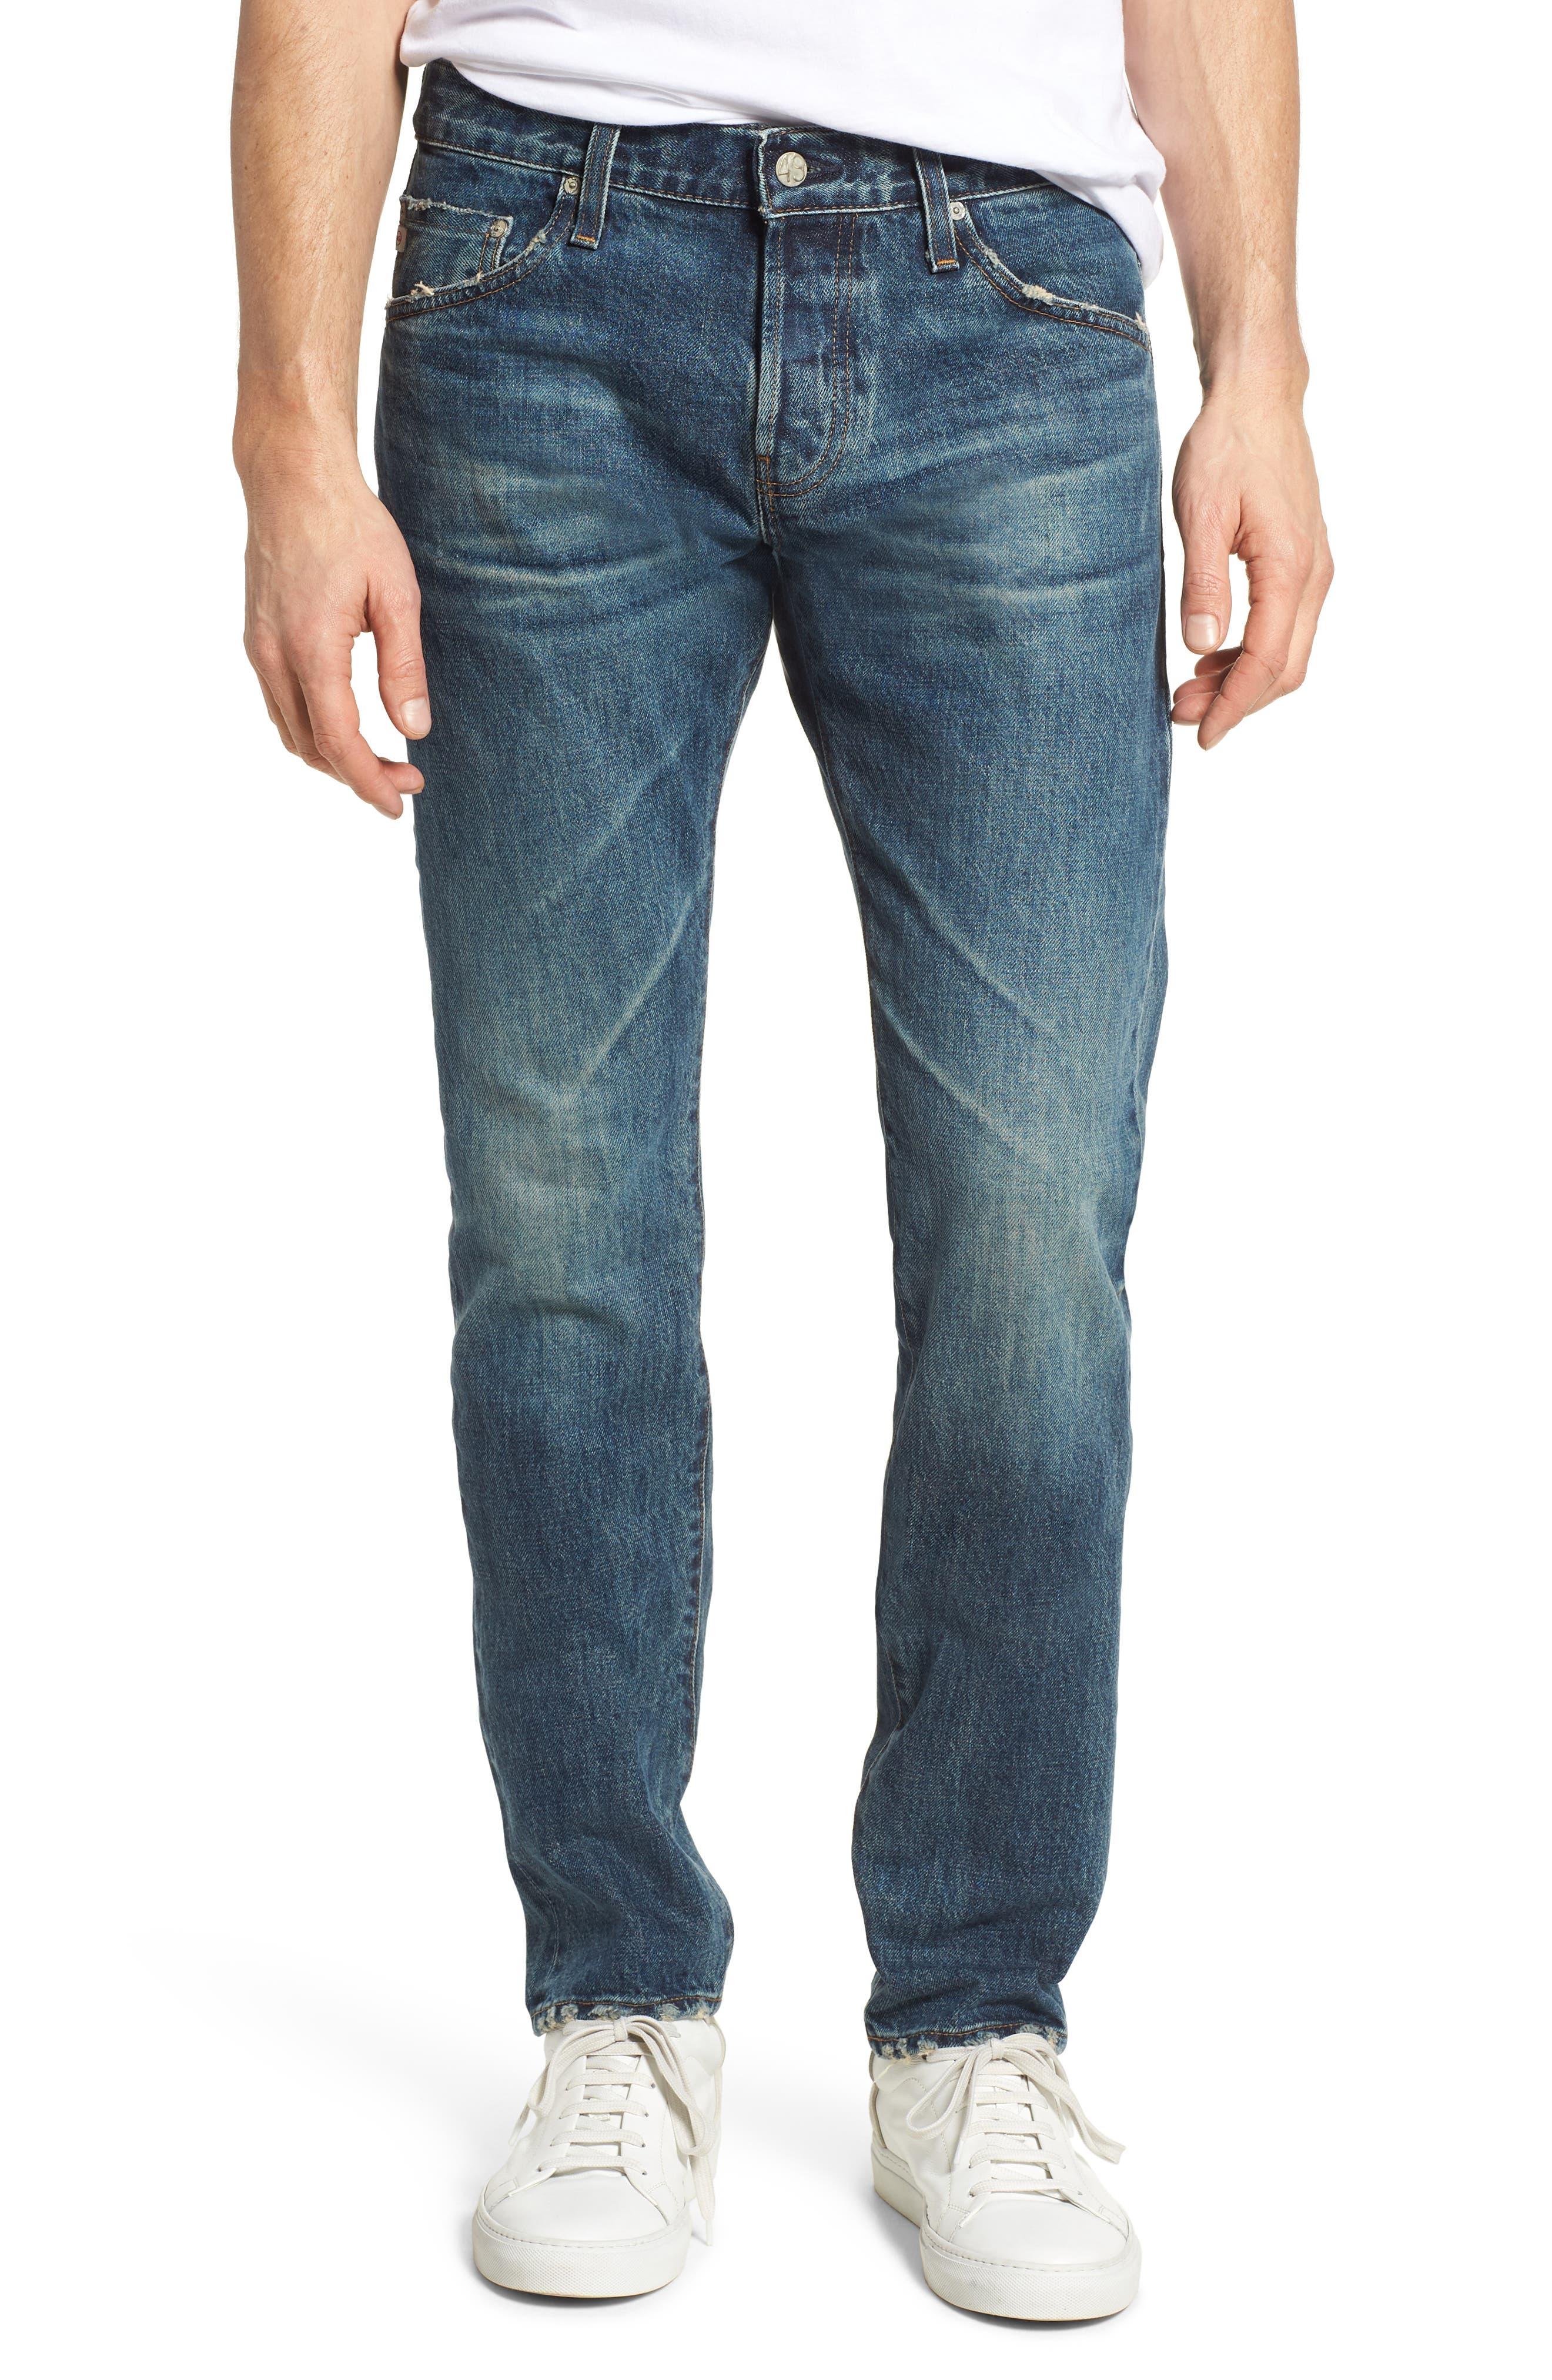 Tellis Slim Fit Jeans,                         Main,                         color, 13 Years Del Mar